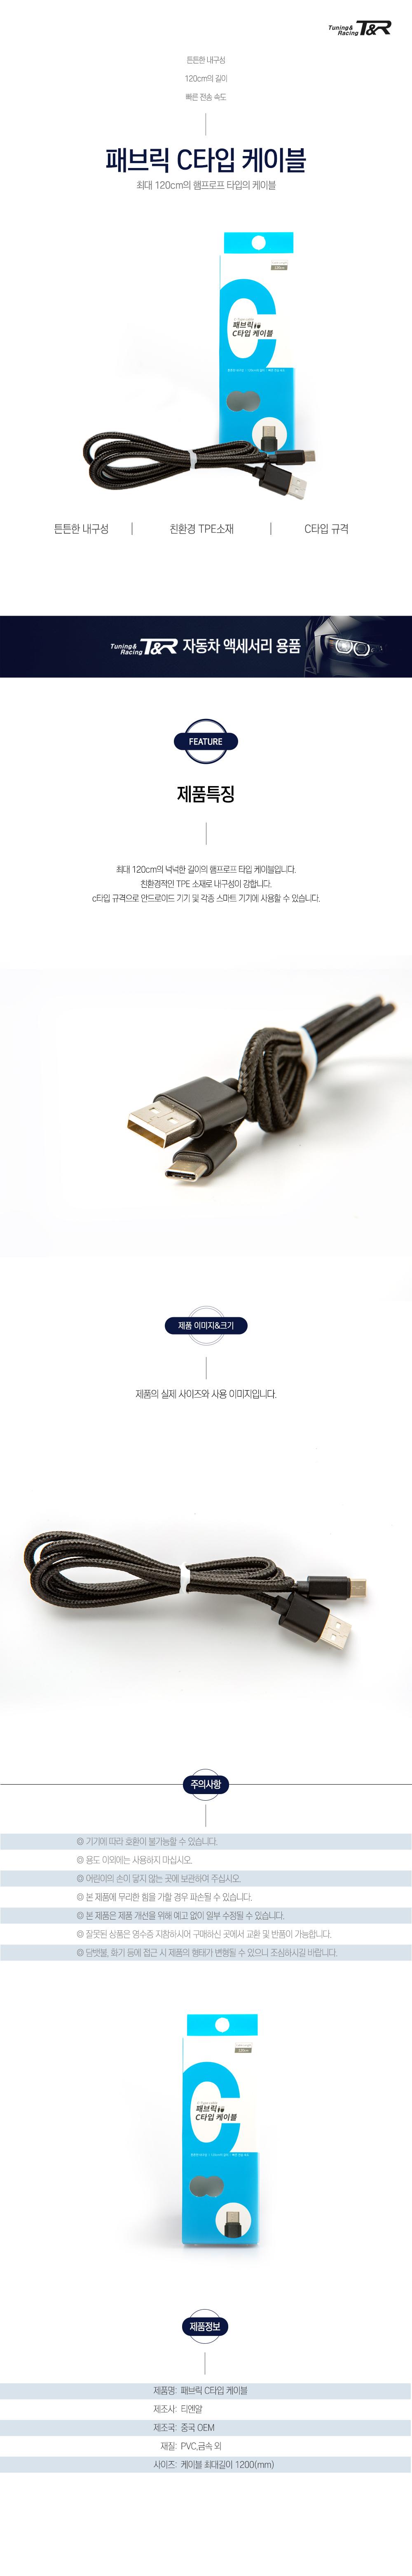 033.패브릭 c타입 케이블(블랙).jpg